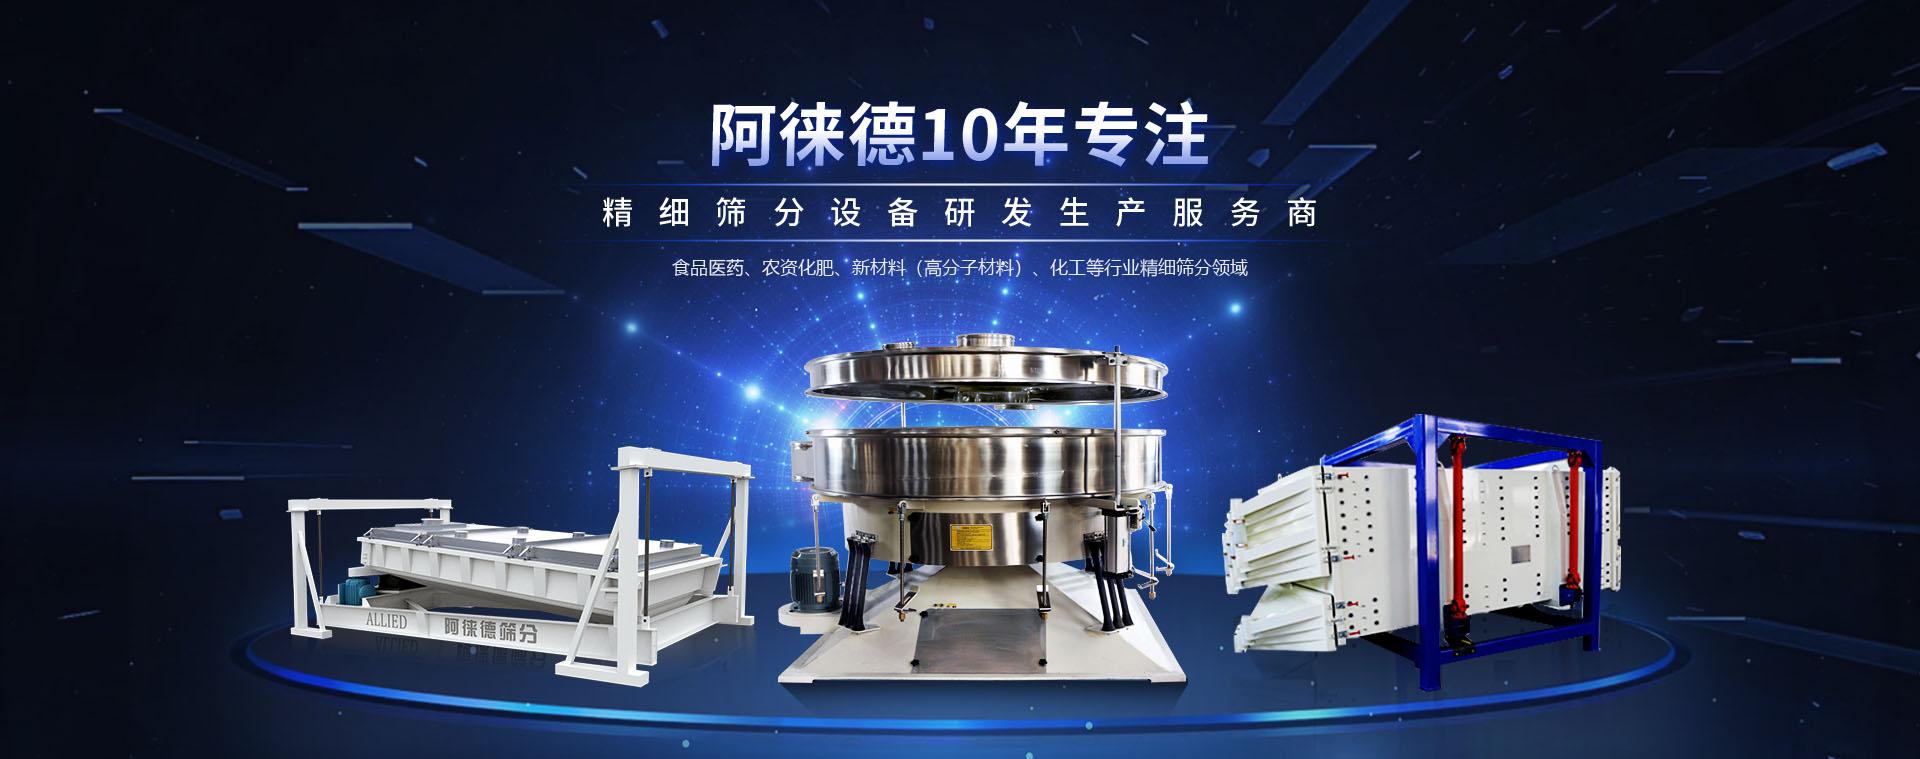 阿徕德10年专注精细筛分设备研发生产服务商